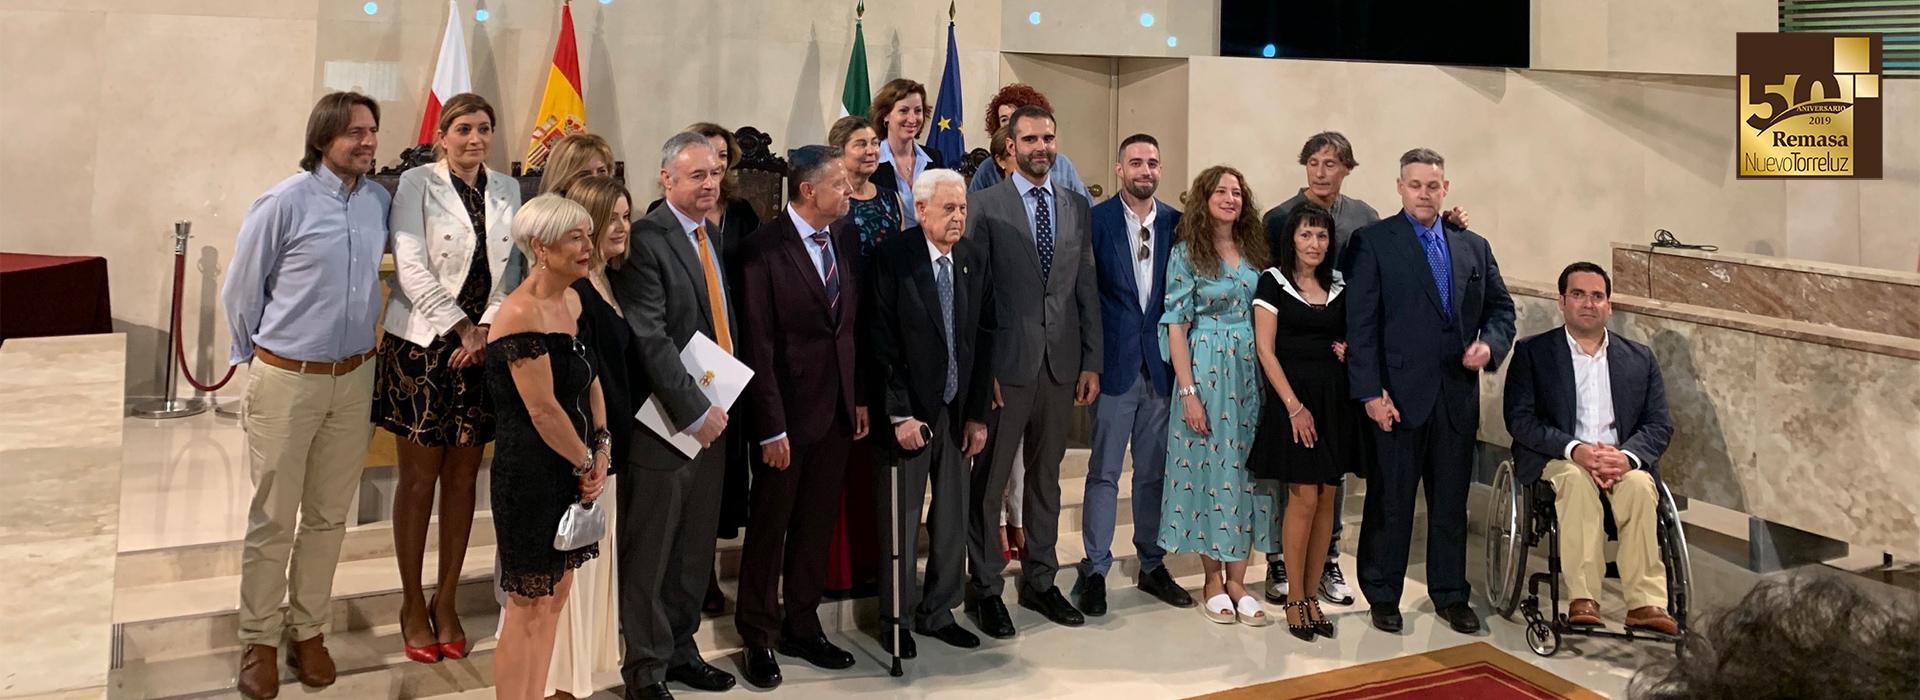 El alcalde impone el Escudo de Oro de Almería a José Requena García